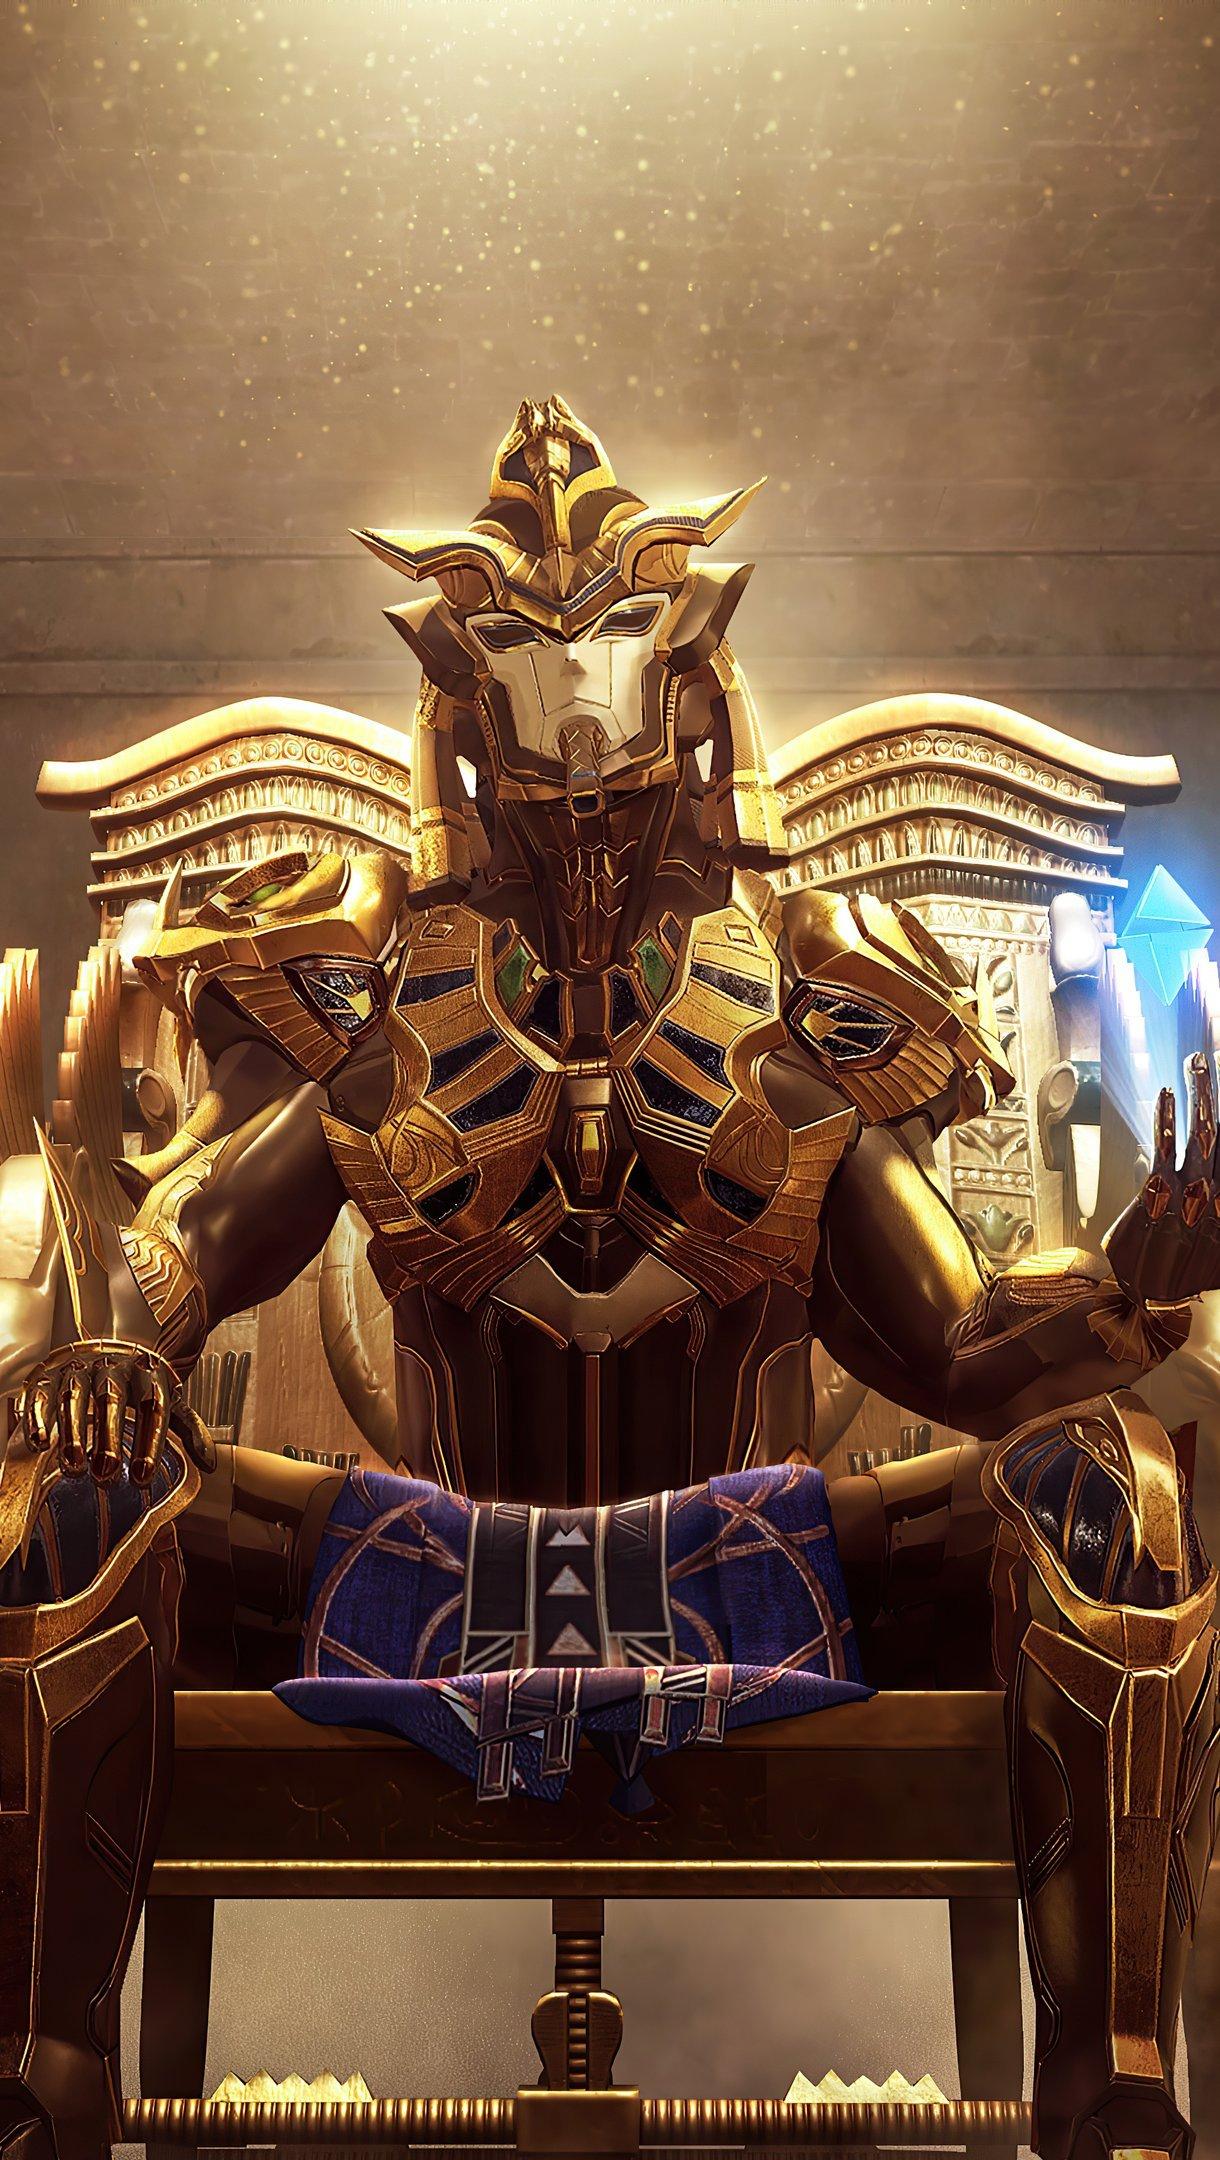 Fondos de pantalla Faraón dorado de PUBG Vertical